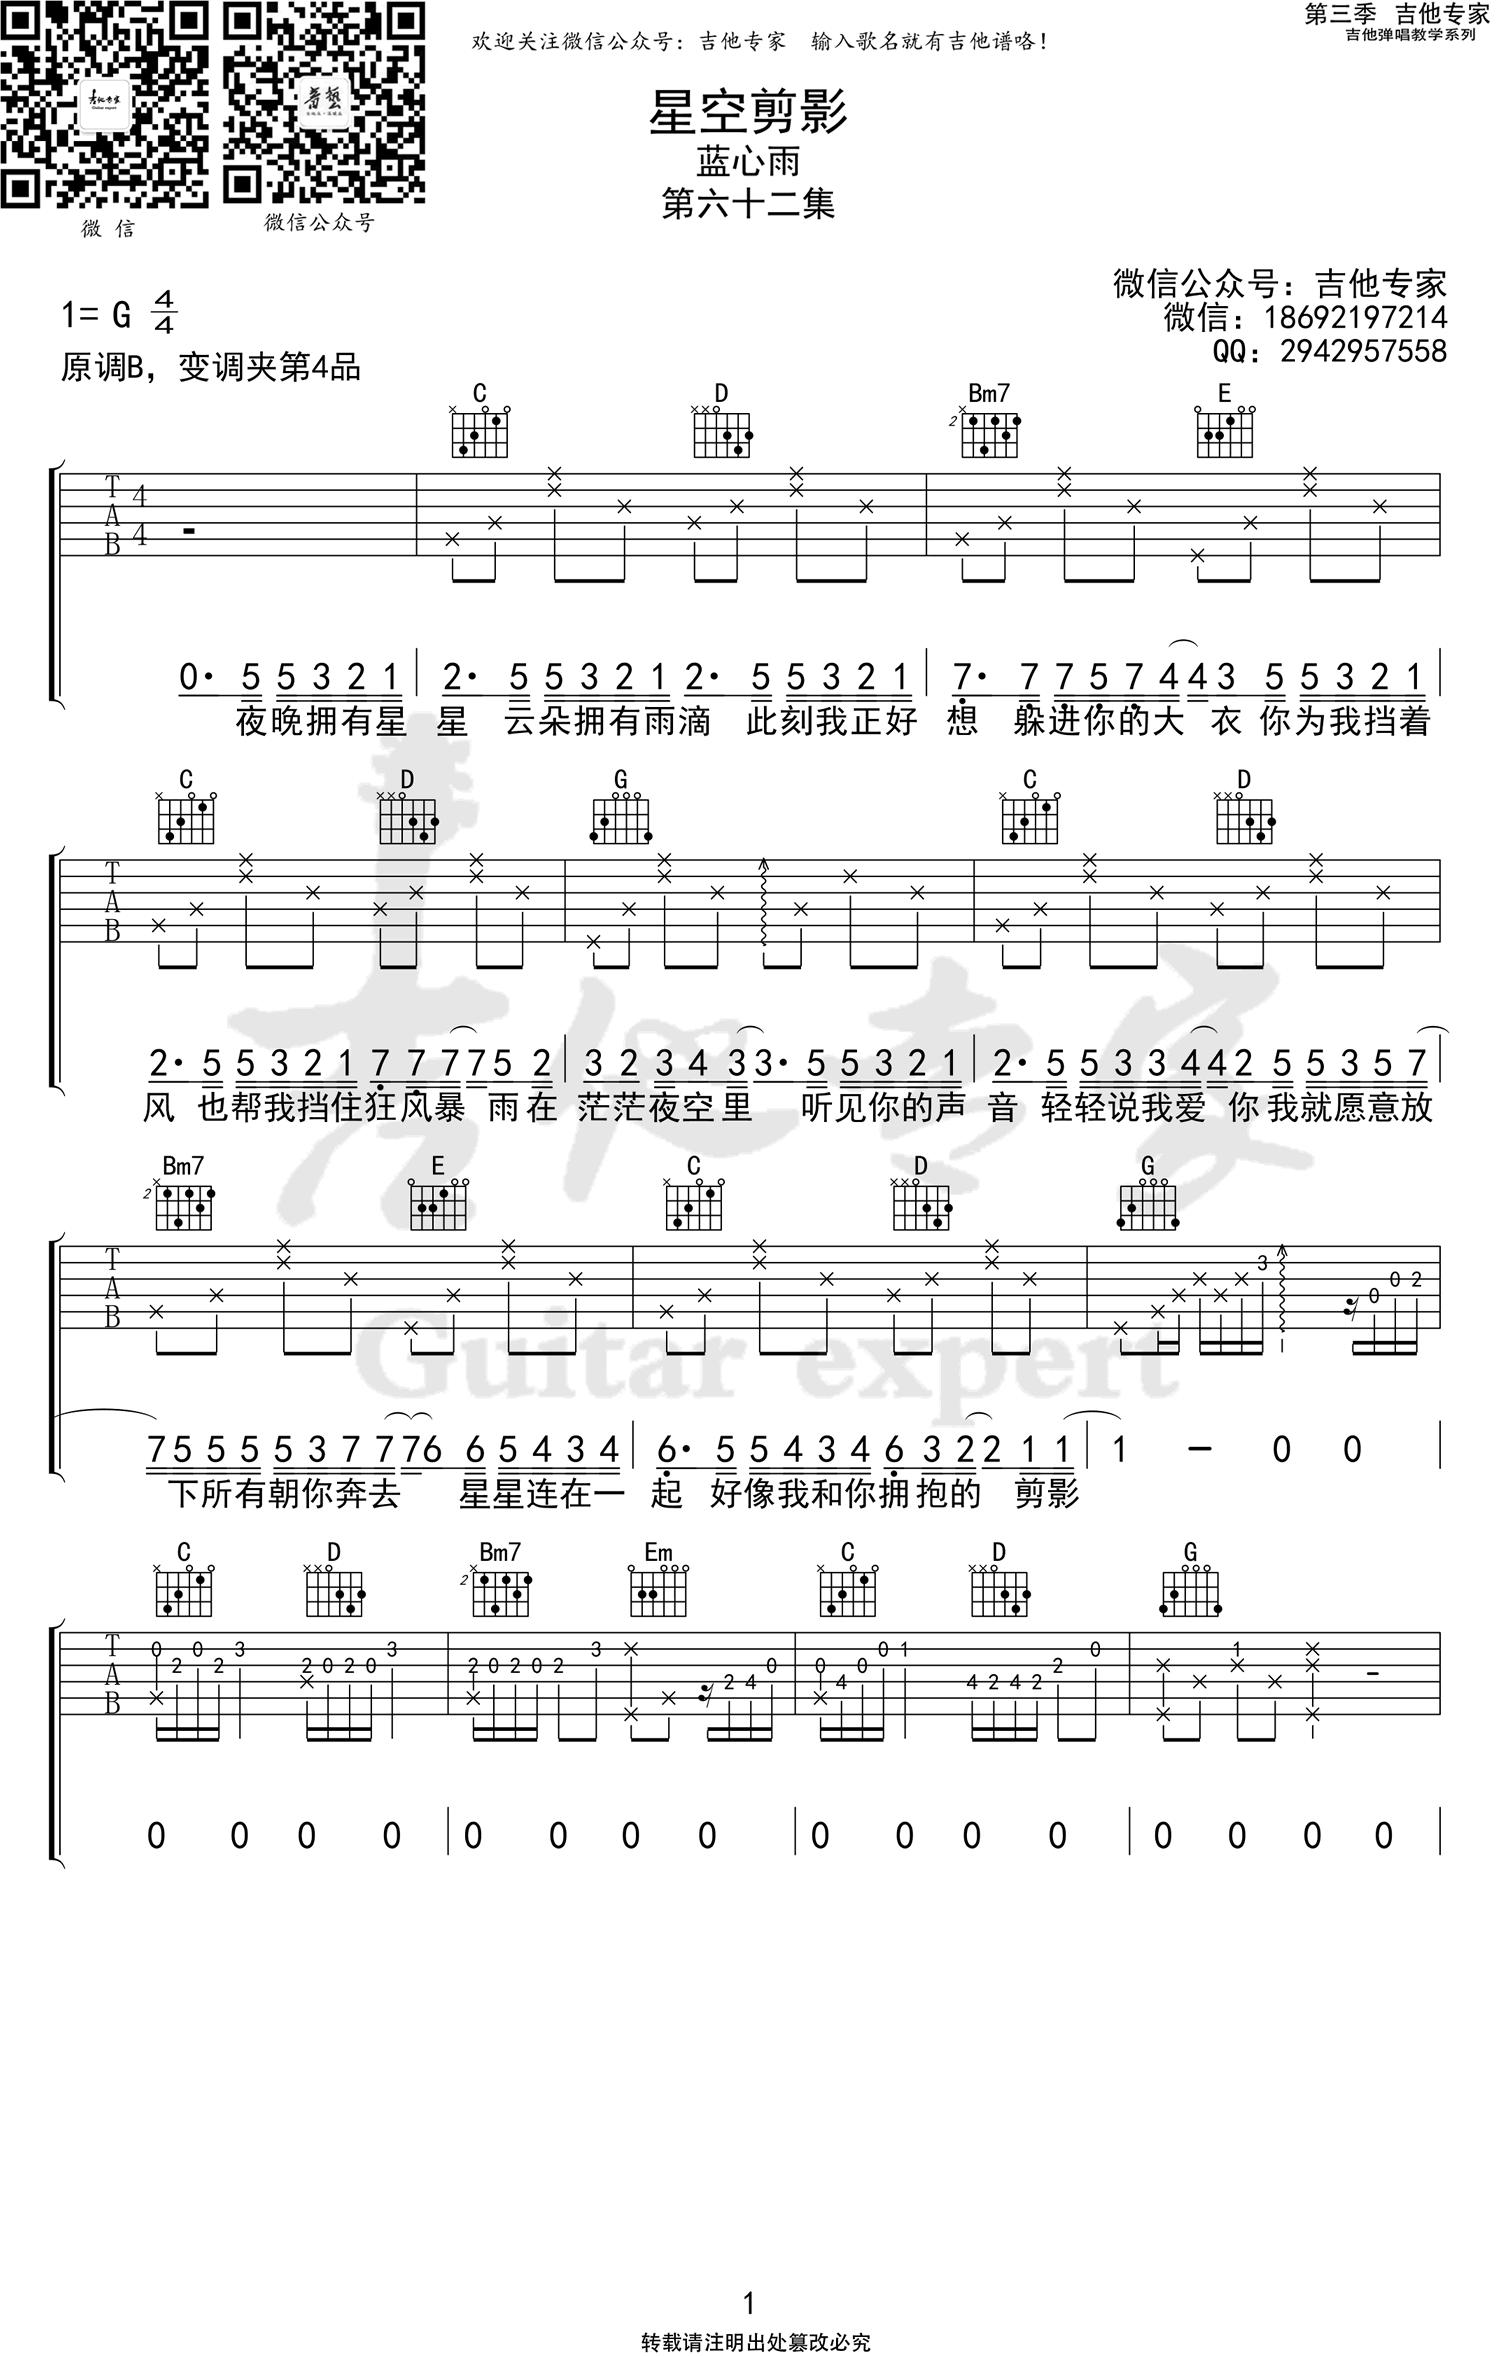 蓝心羽-星空剪影吉他谱1